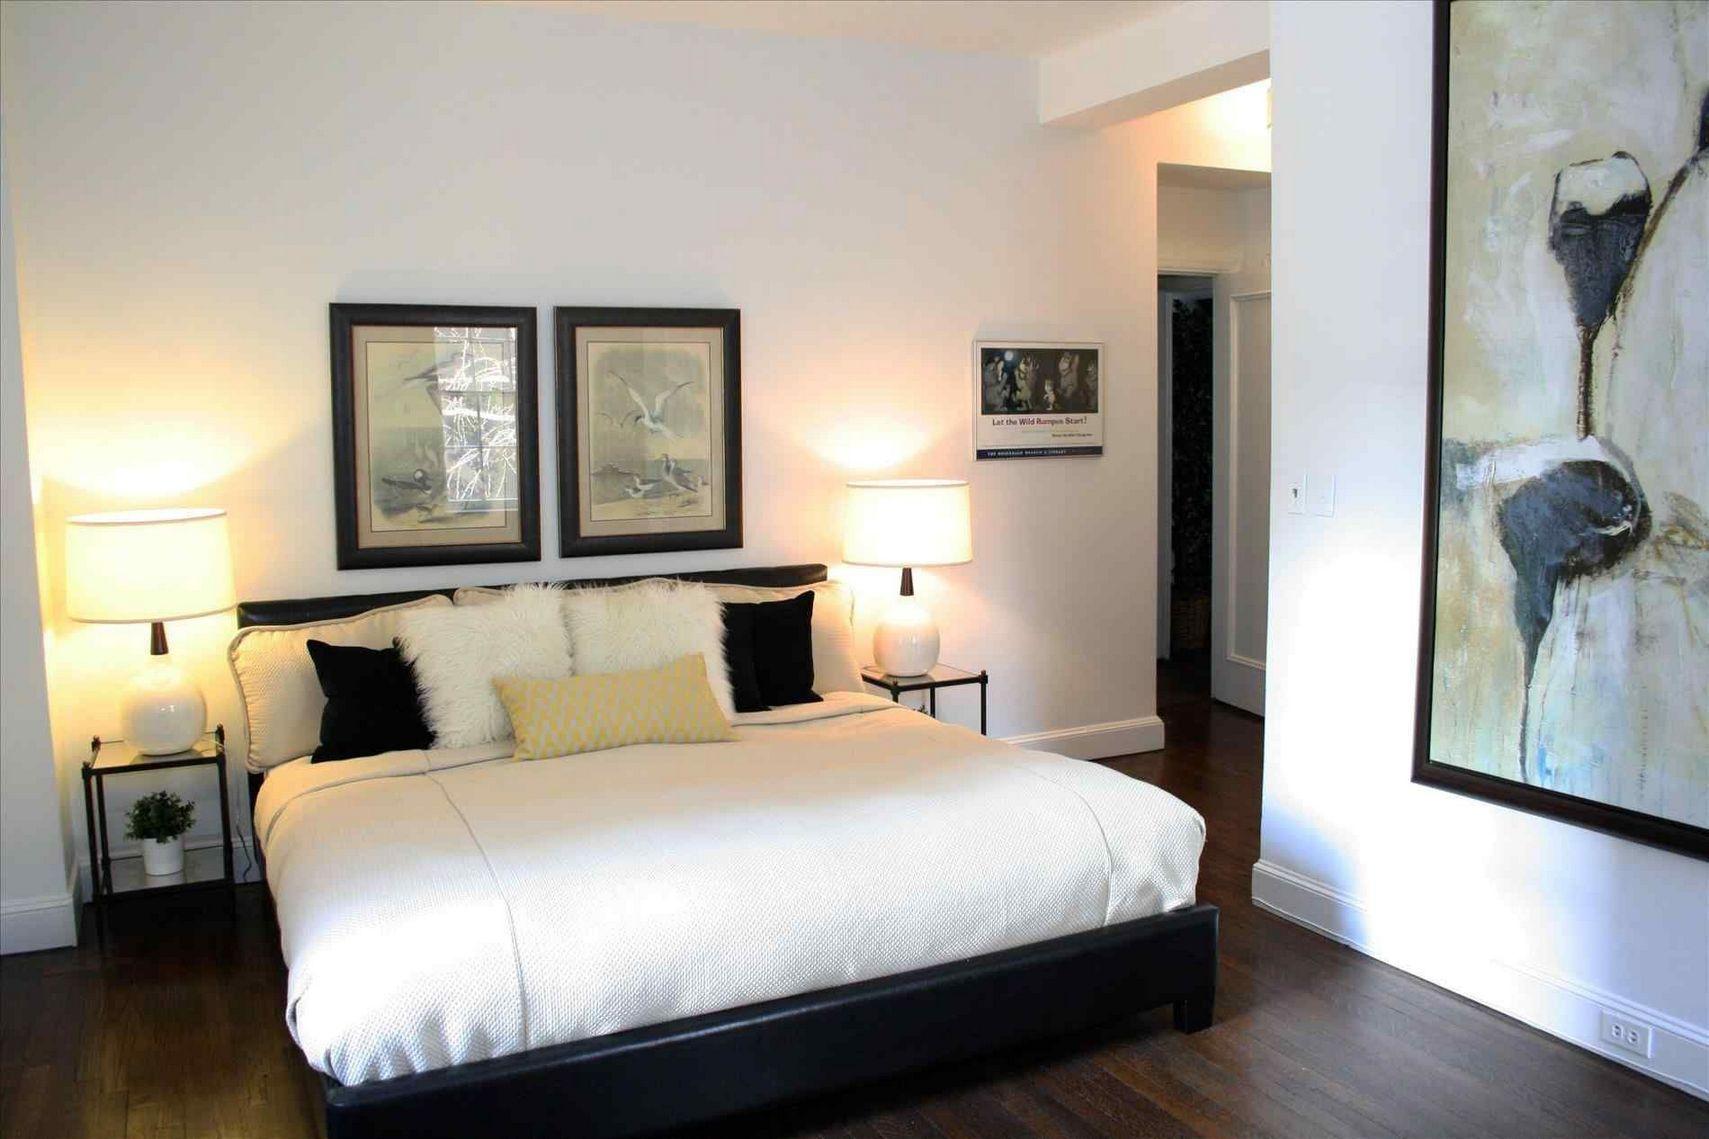 30+ elegant small bedroom ideas for men | Small room ...